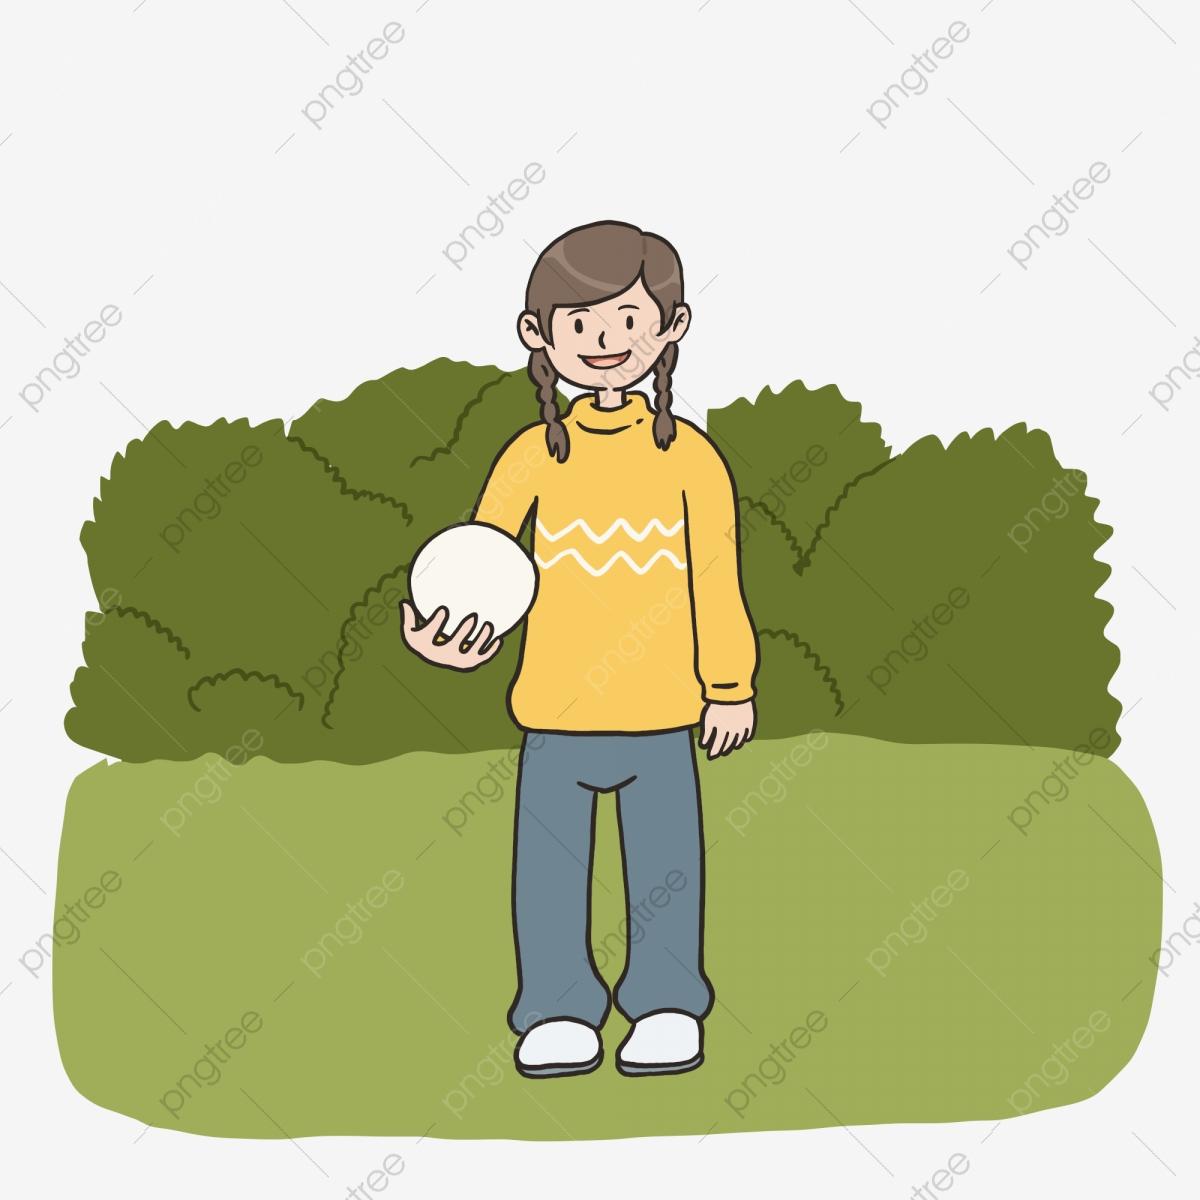 Journée Des Enfants Football Jeux Pour Enfants Petites dedans Telecharger Jeux Enfant